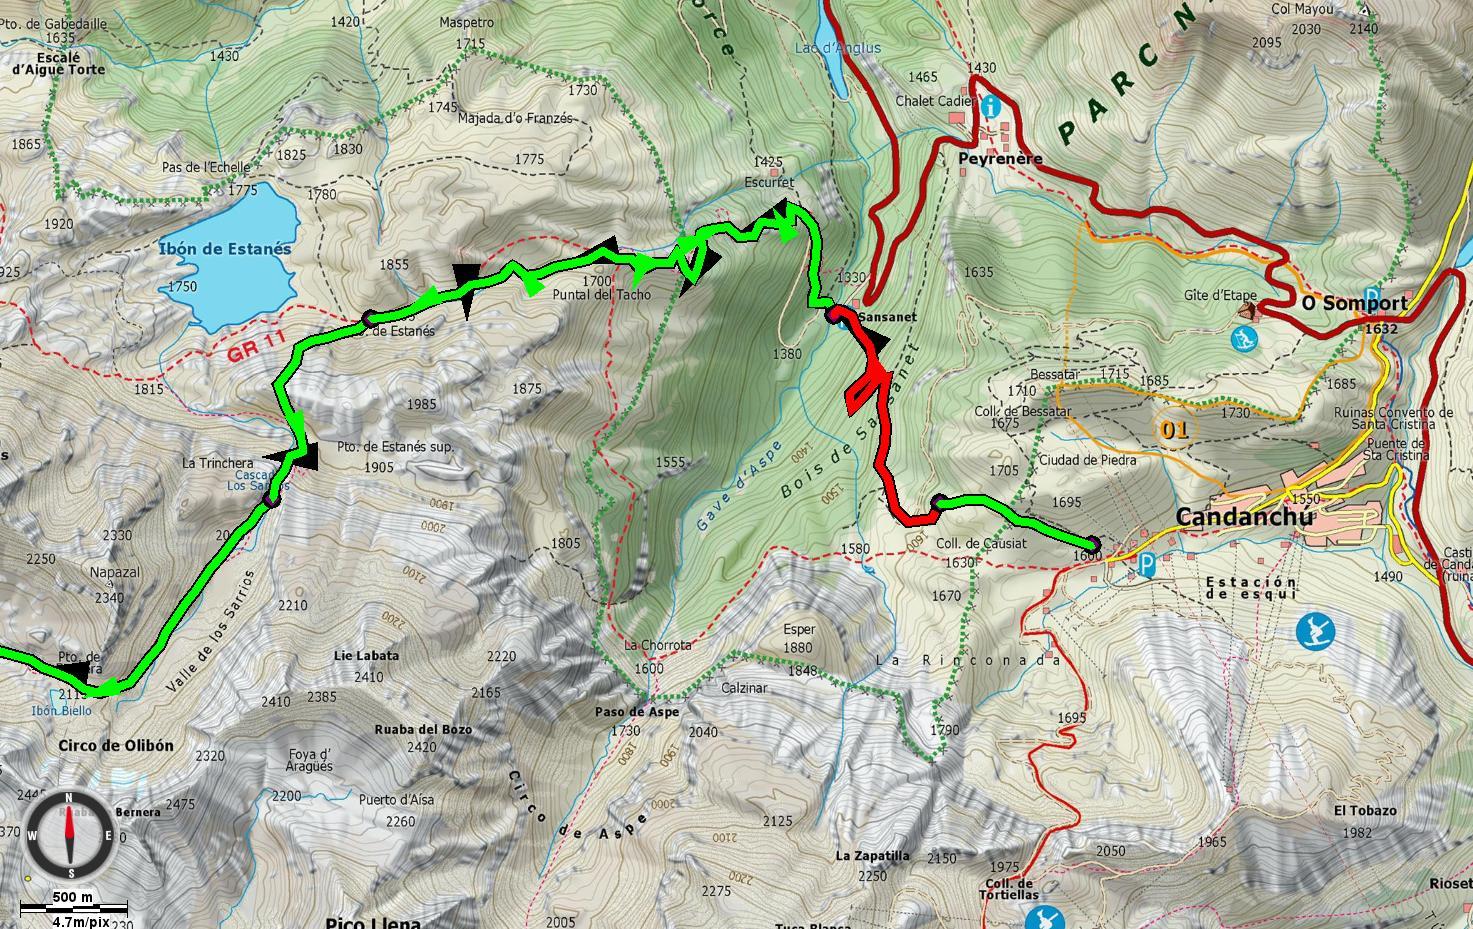 Mapa Candanchú - Valle de los Sarrios